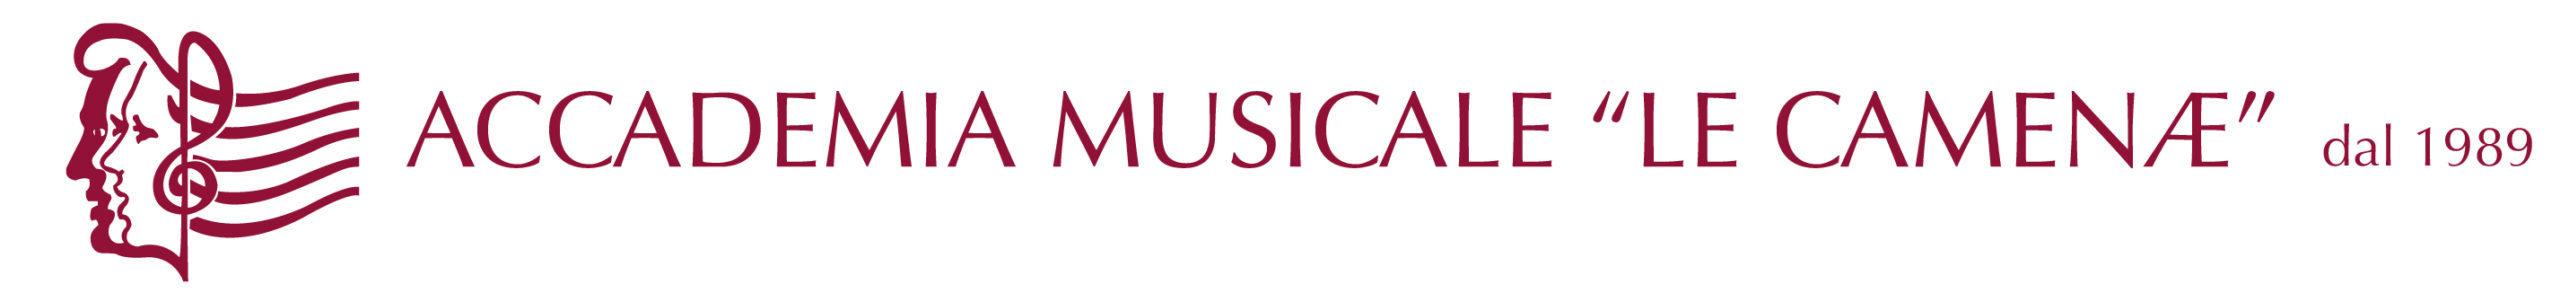 Accademia Musicale Le Camenae